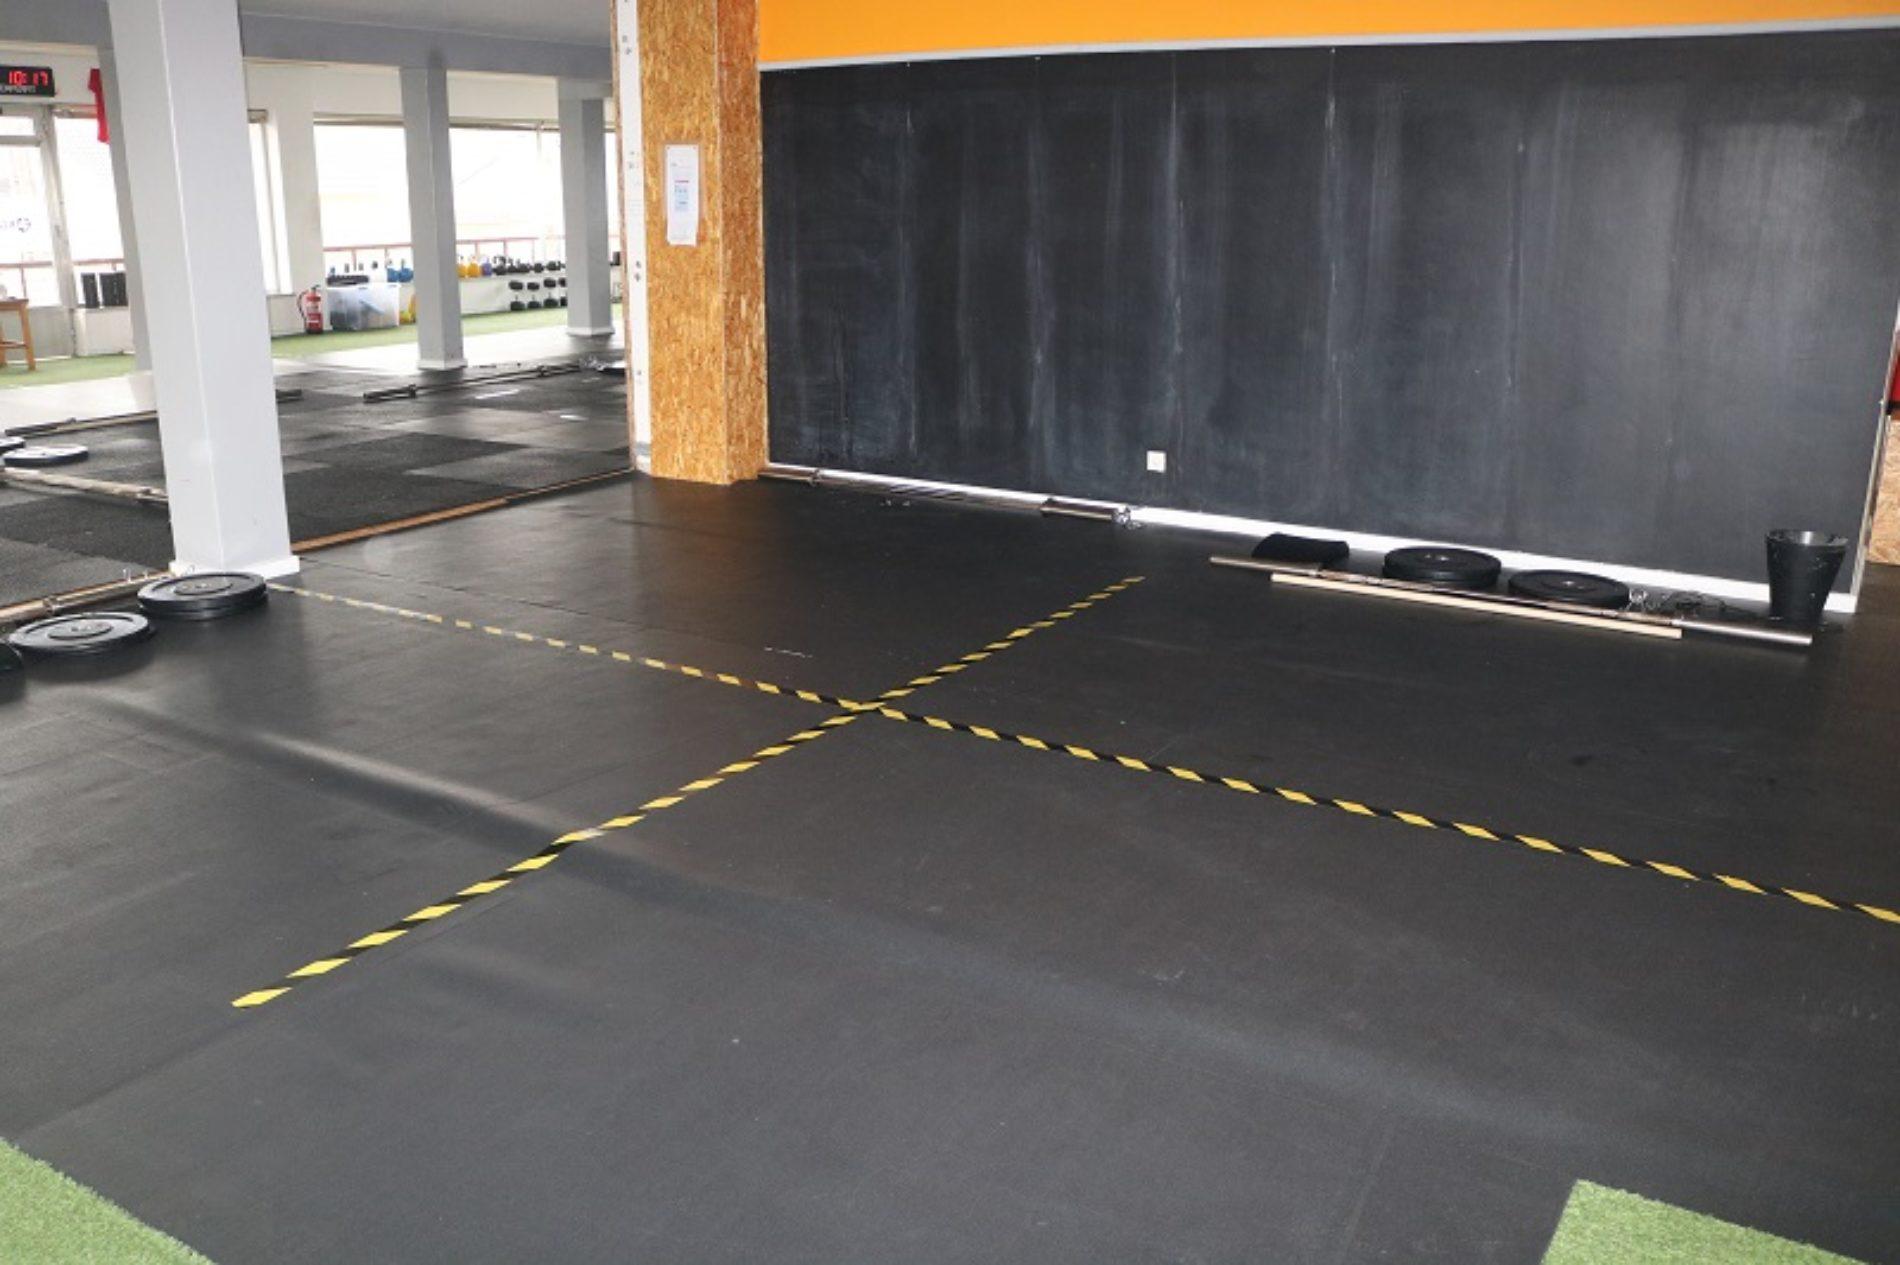 """RDSports: """"Estão reunidas as condições para a prática de atividade física em segurança"""" (com vídeo)"""